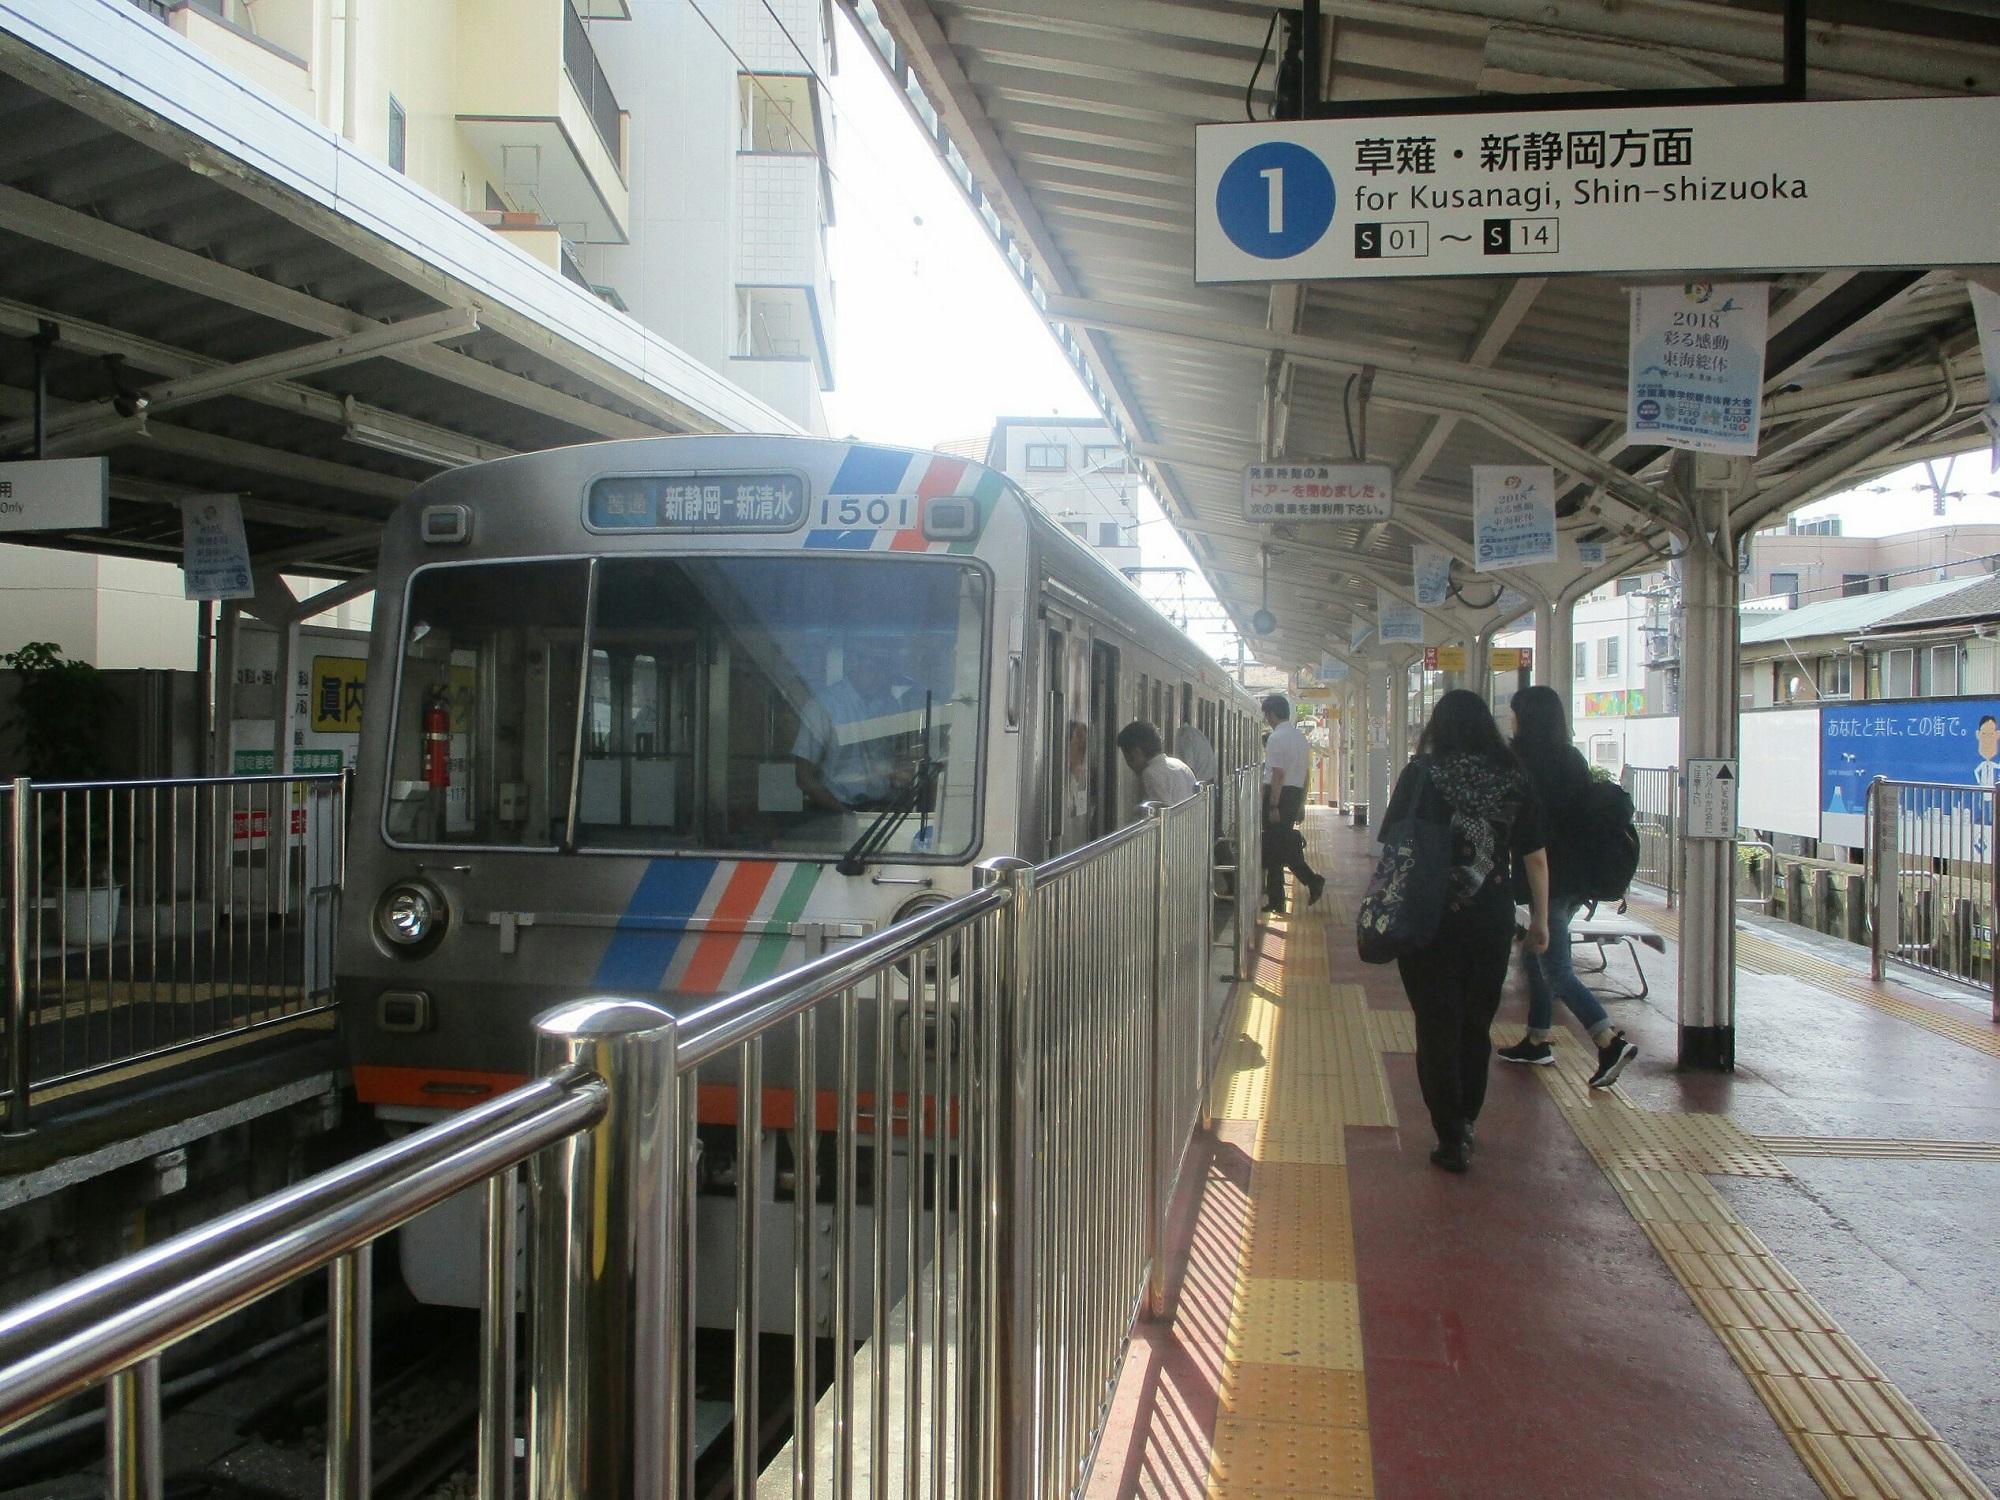 2018.8.10 (129) 新清水 - 新静岡いきふつう 2000-1500